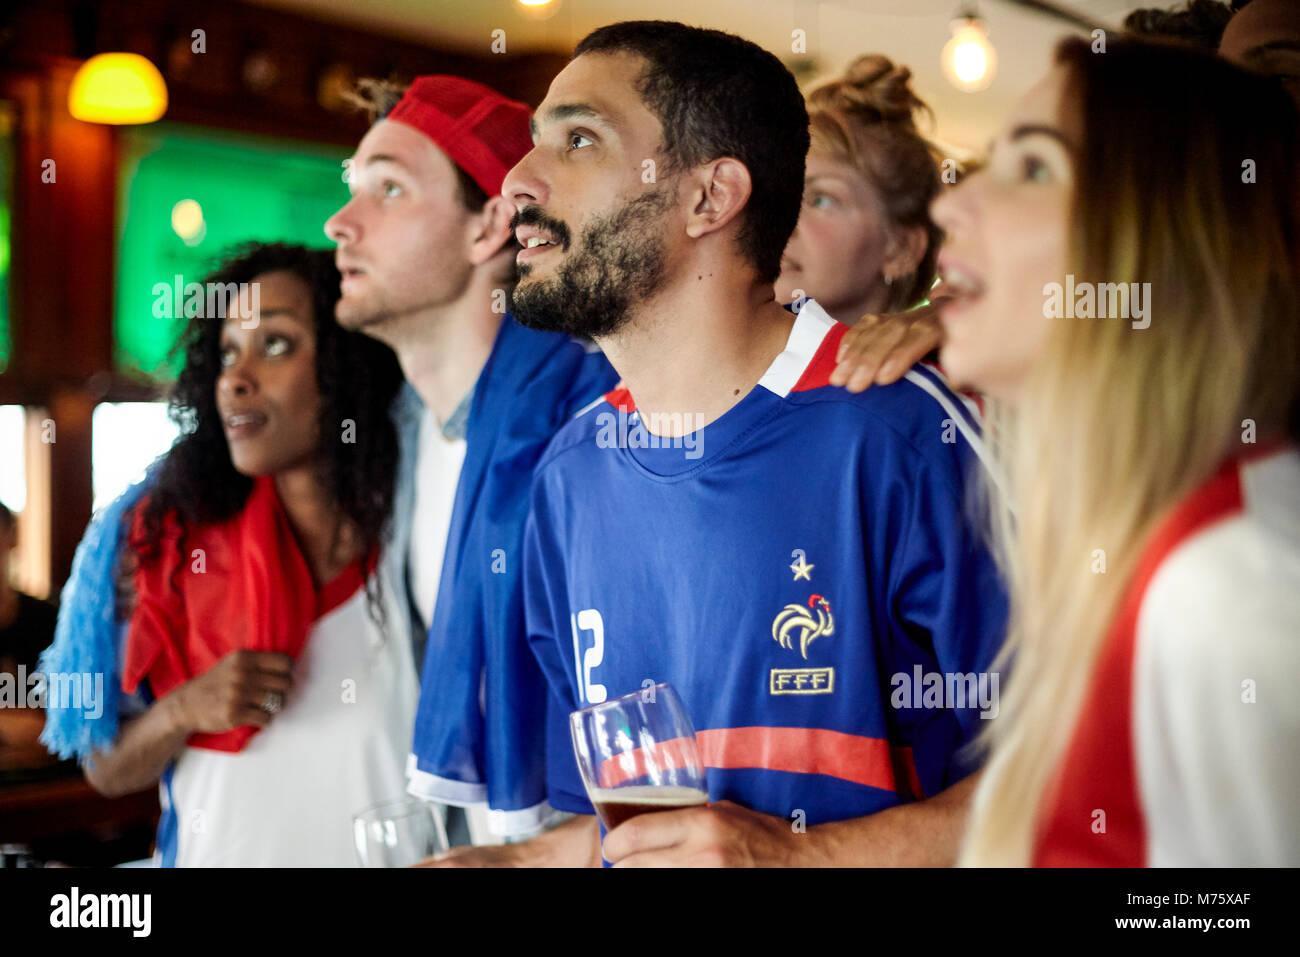 Französische Fußballfans beobachten Match in bar Stockbild